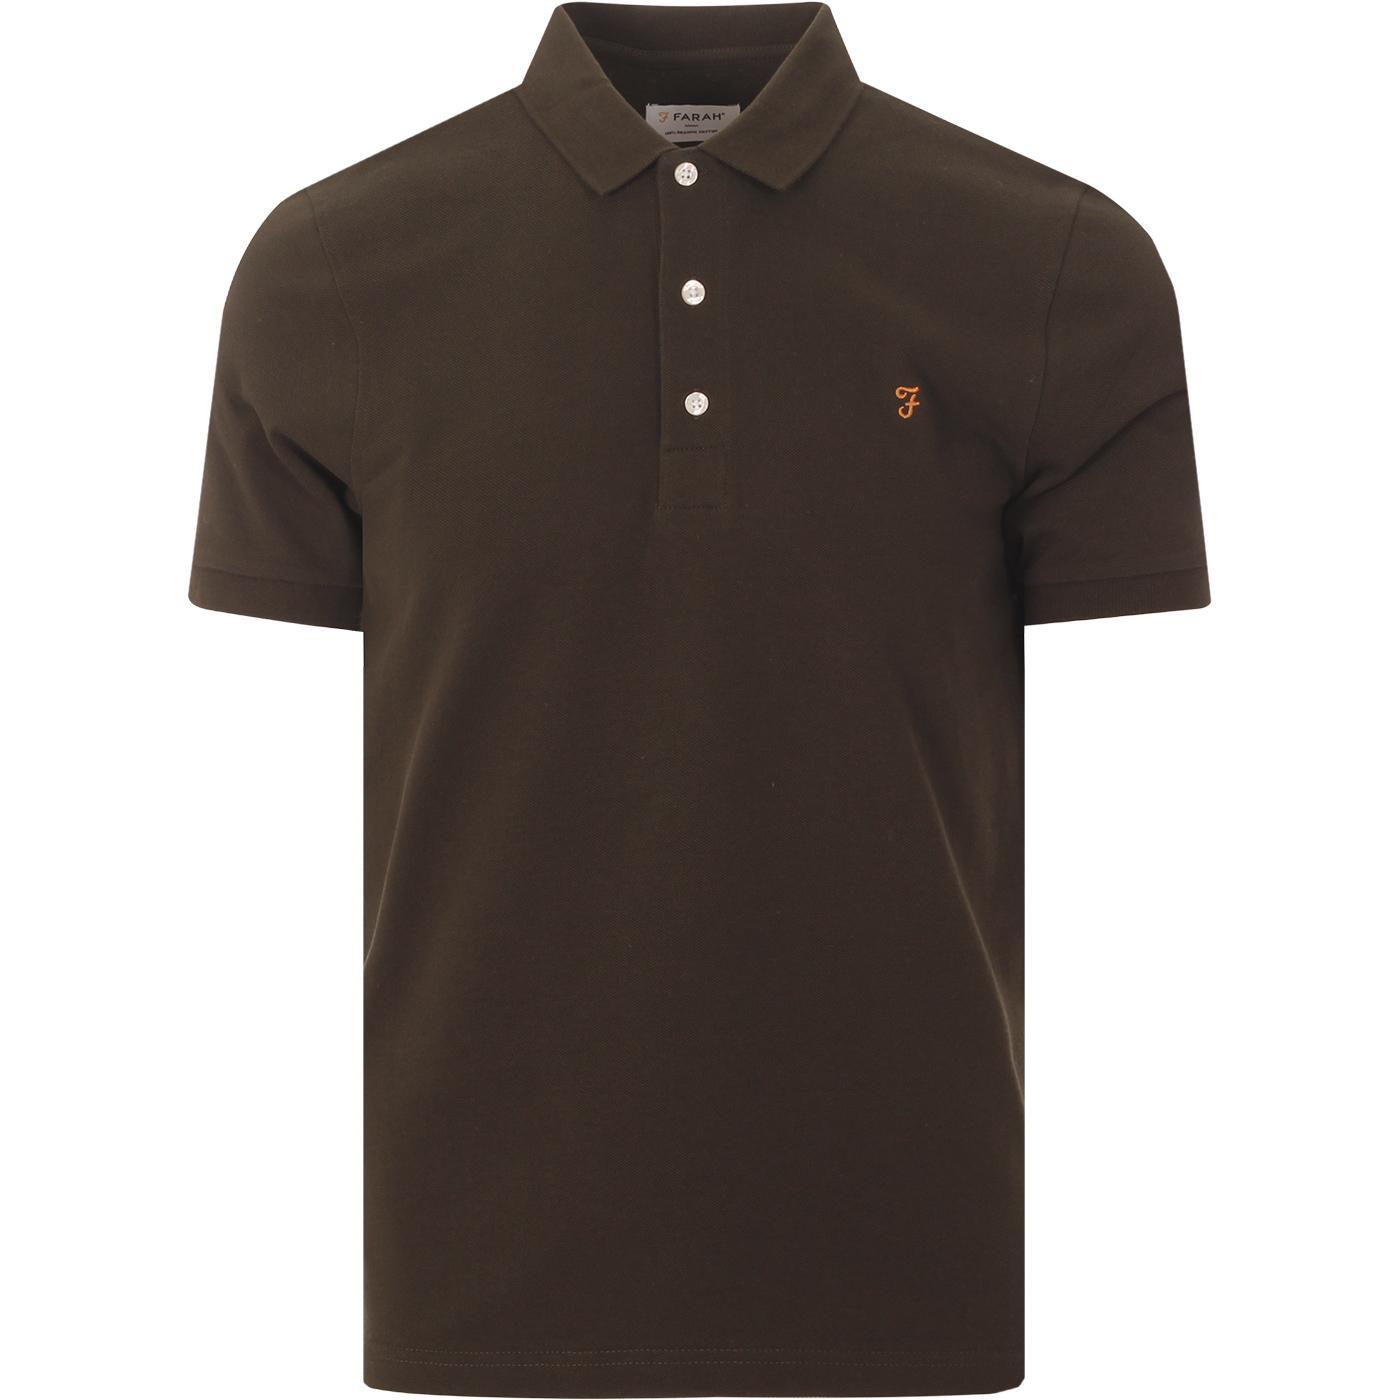 Blanes FARAH Mod Classic Pique Polo (Evergreen)